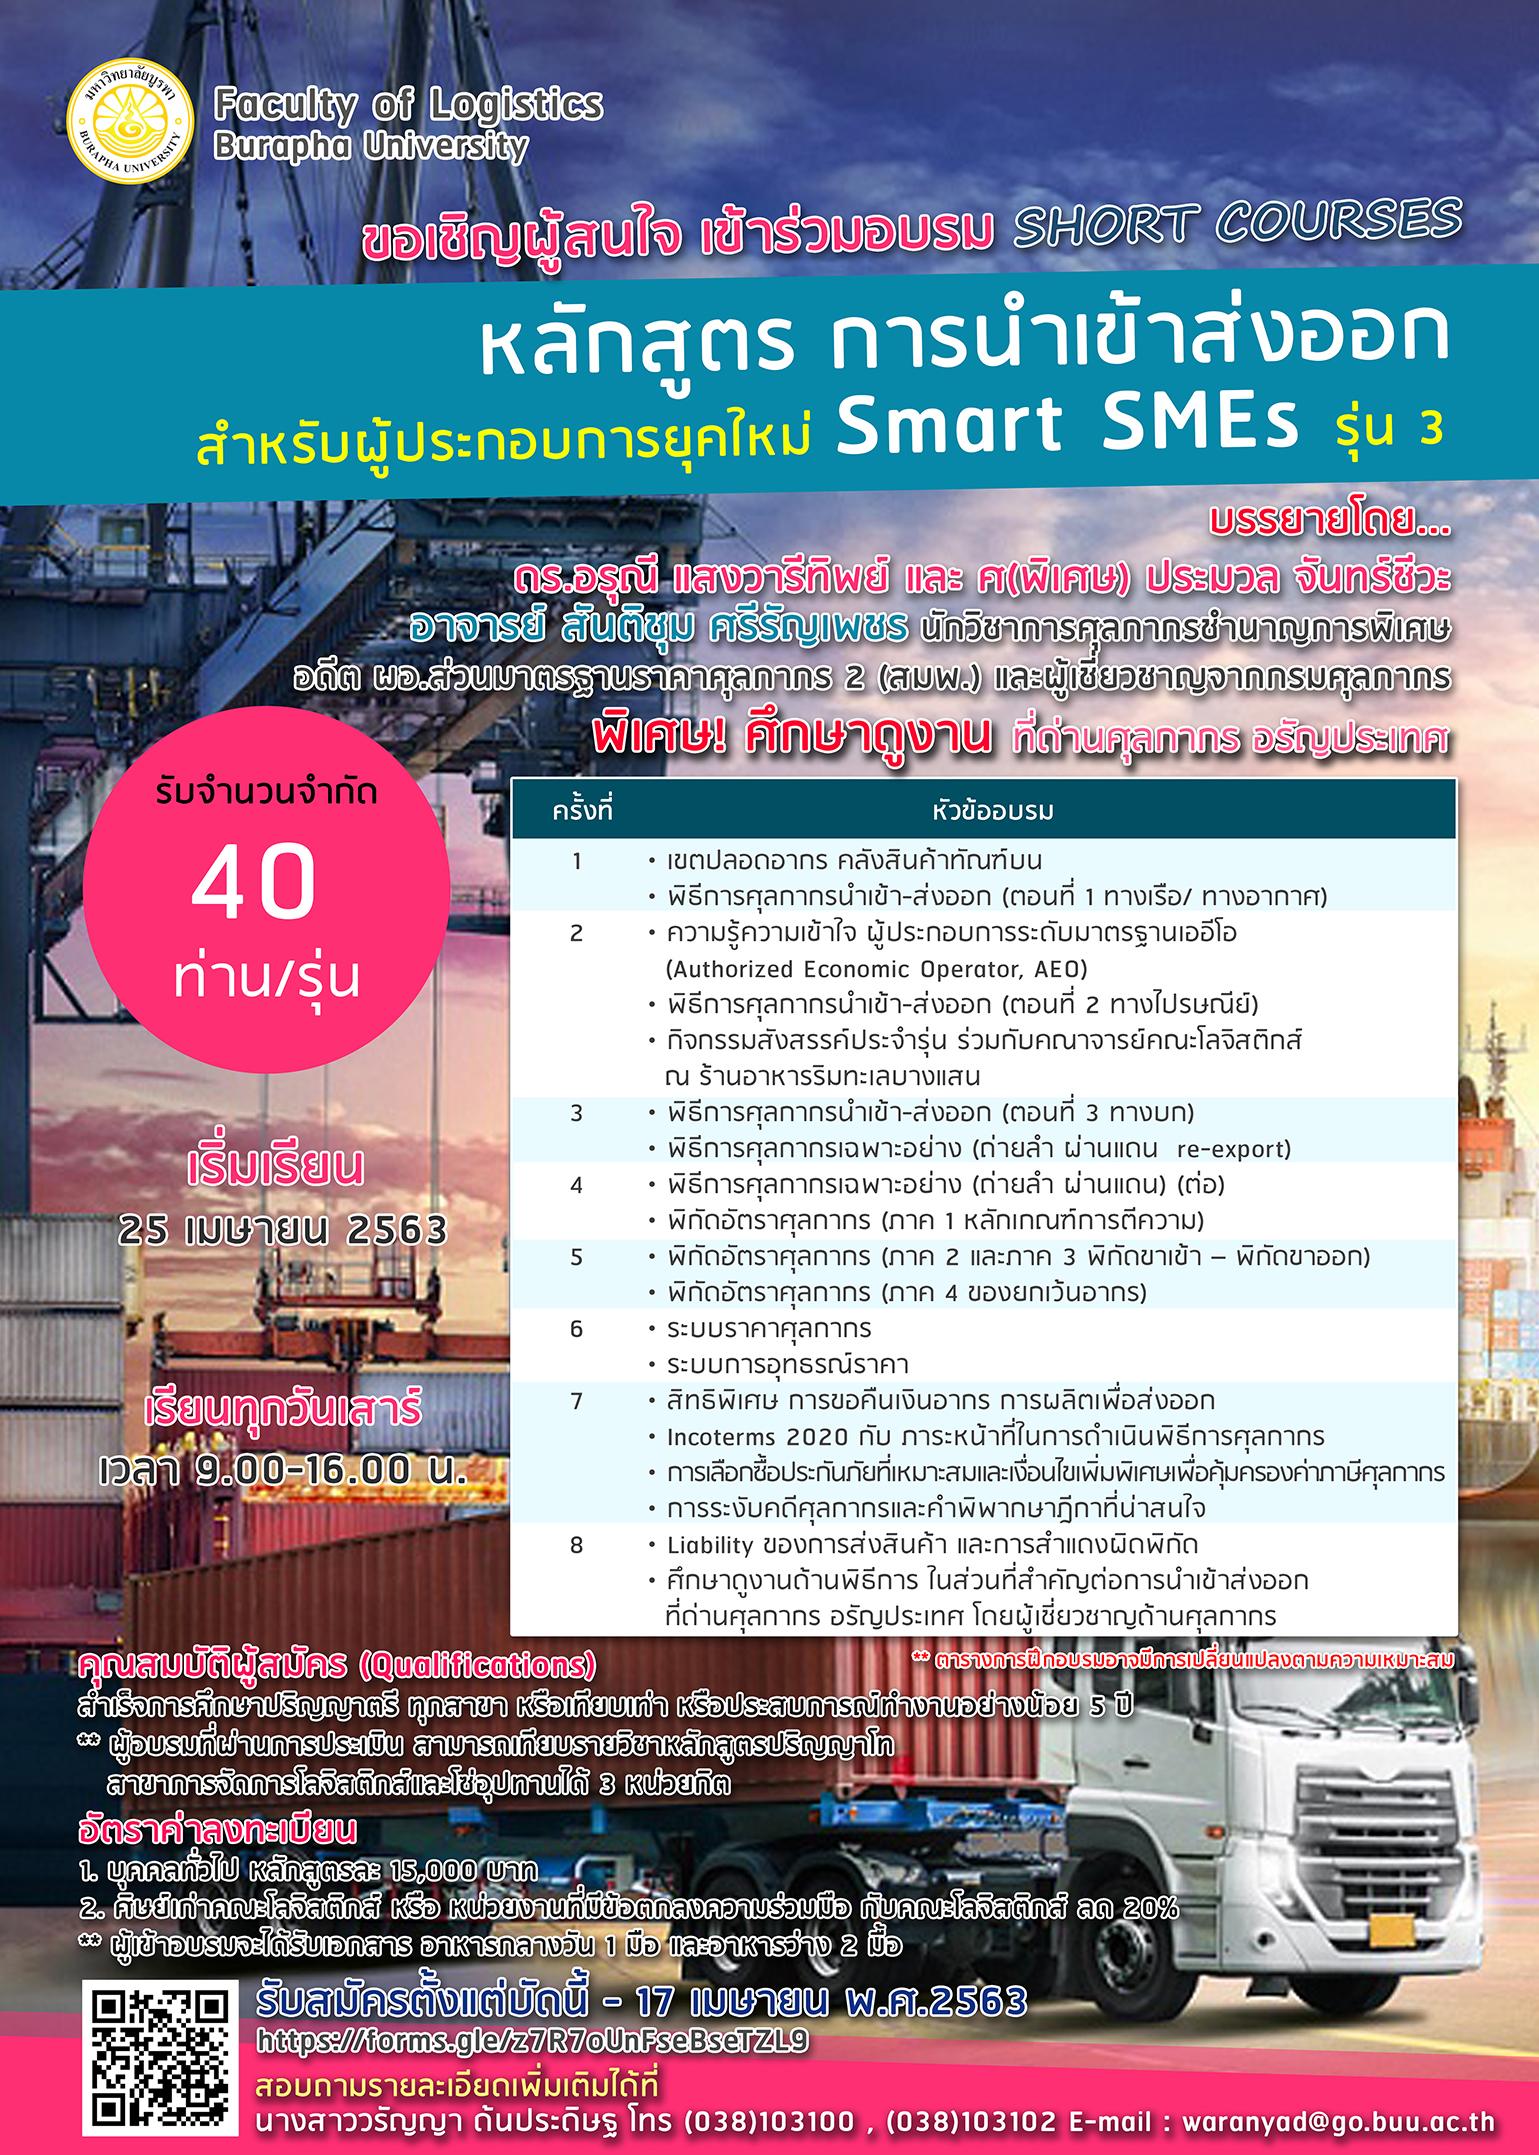 เปิดอบรมหลักสูตรระยะสั้น การนำเข้า-ส่งออก Smart SMEs รุ่น 3